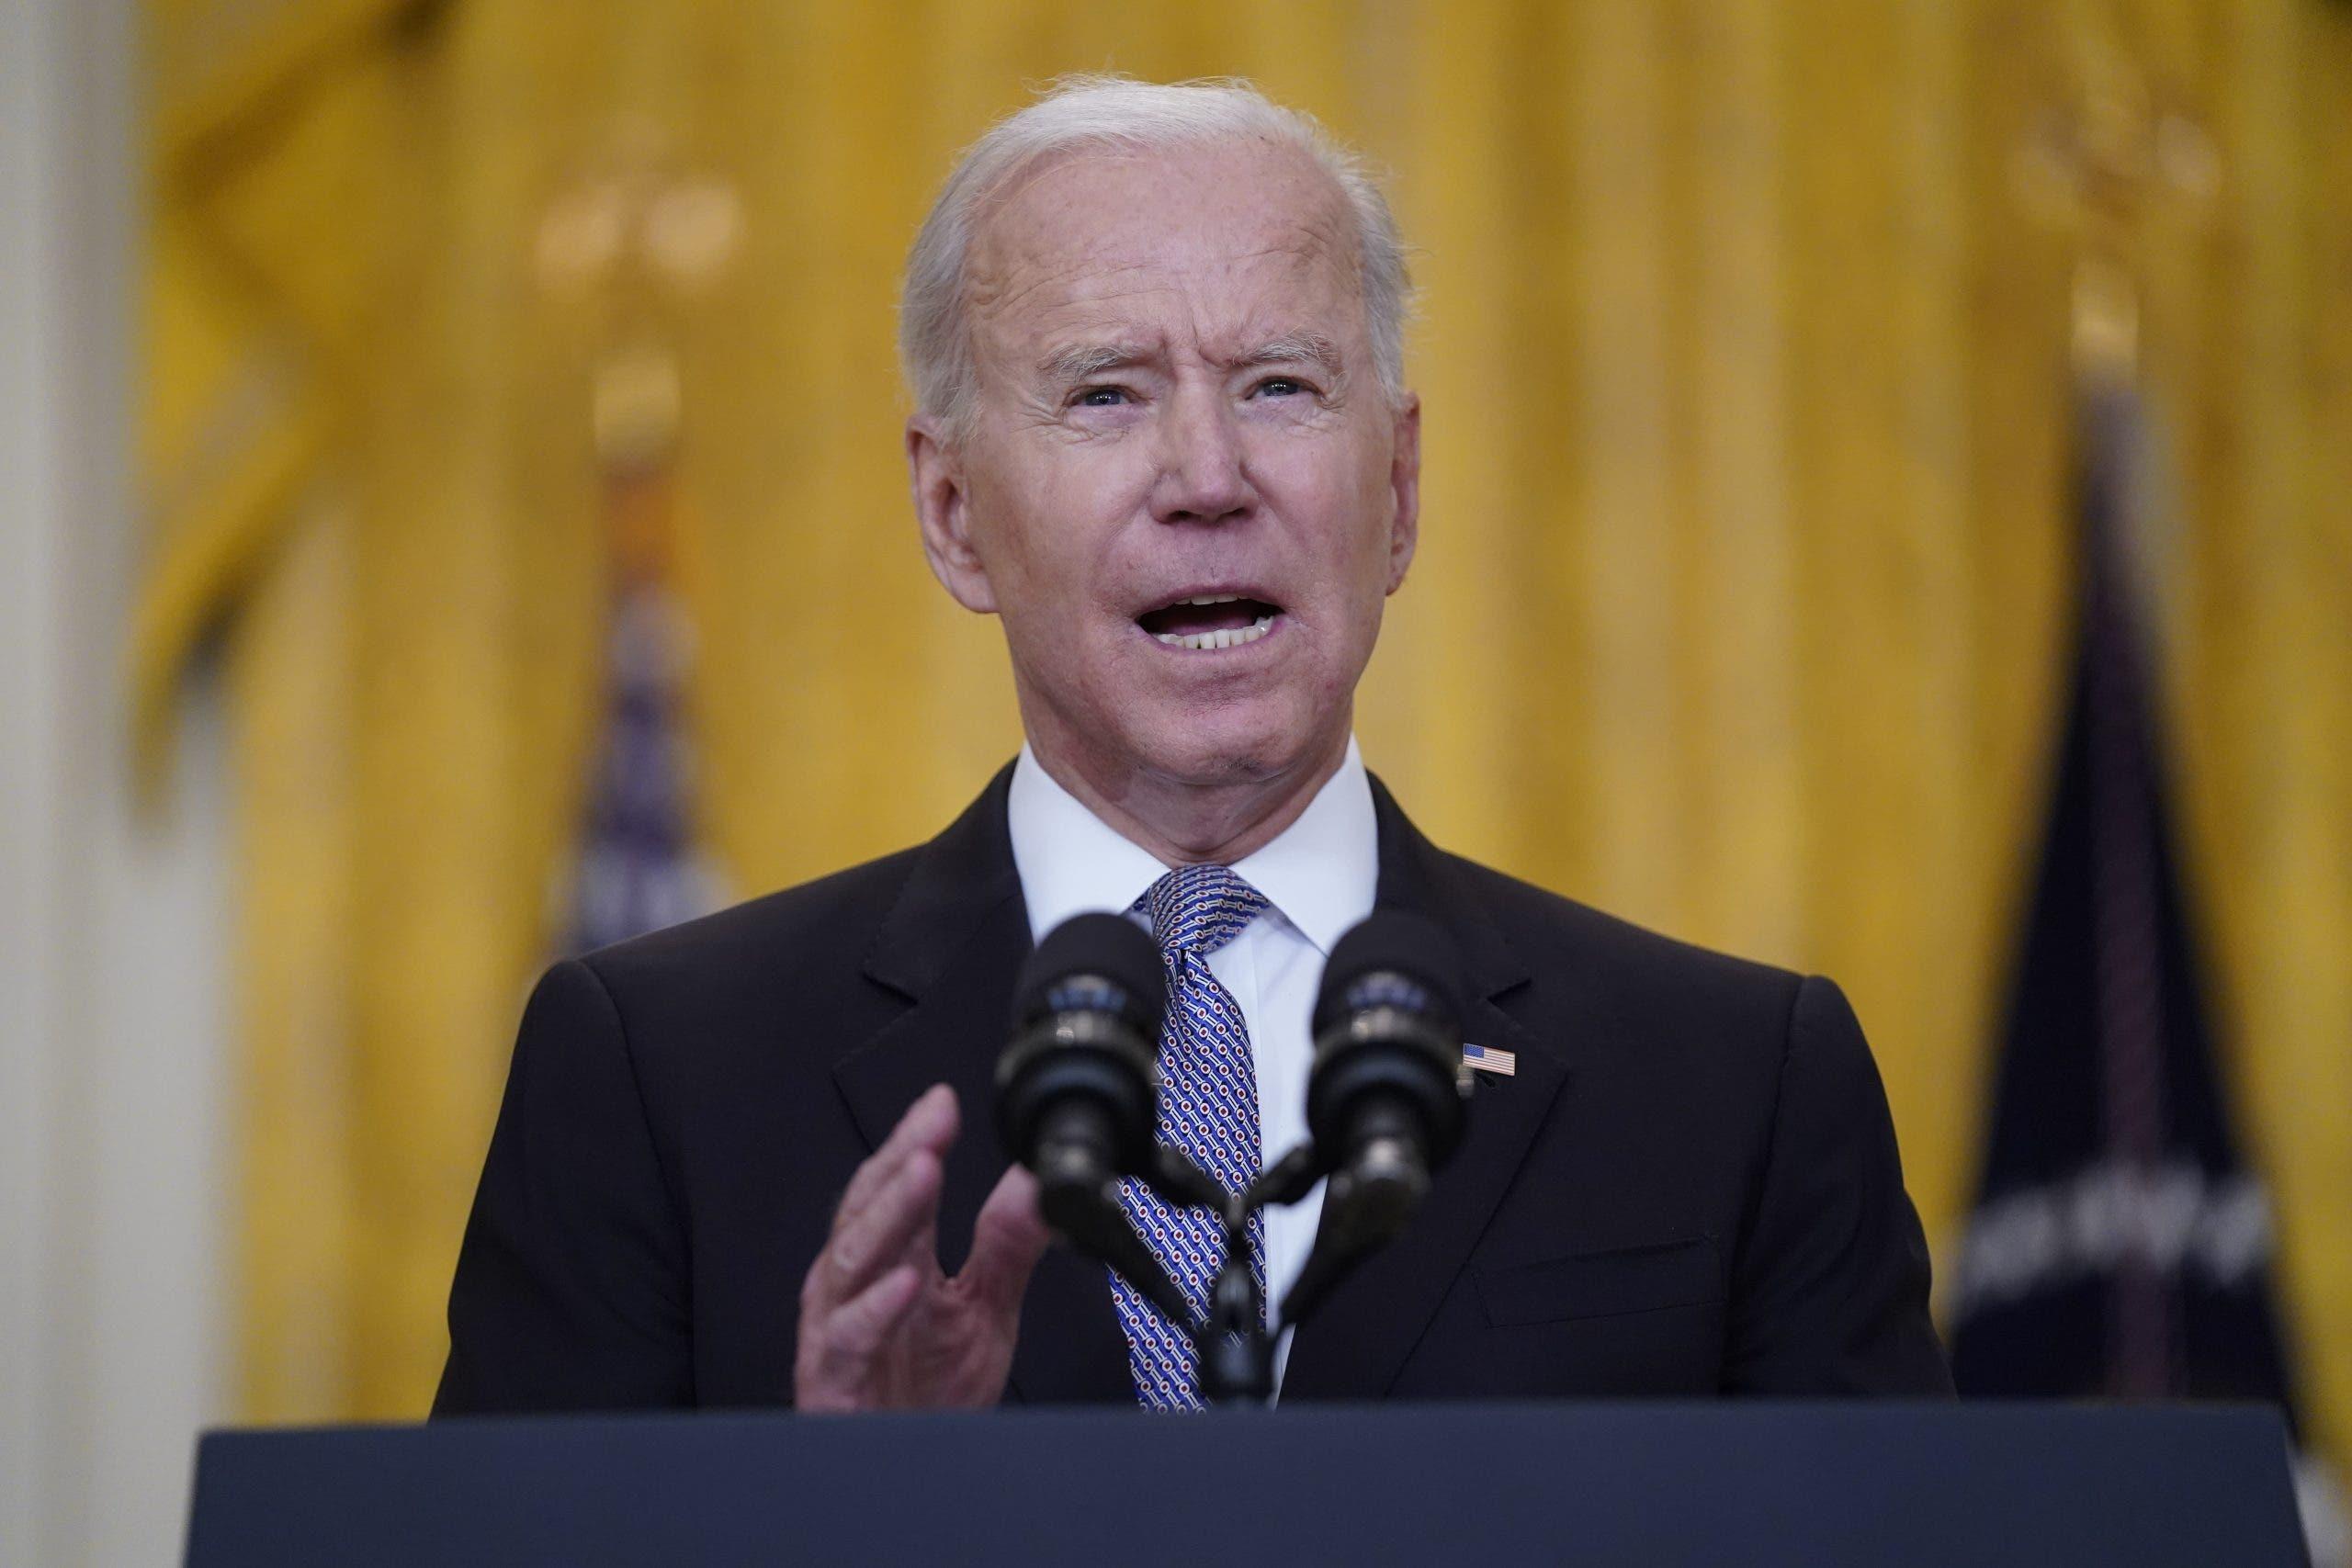 Ma is-bedeshay siyaasaddii Joe Biden ee ku wajahneyd Israel kadib dagaalkii Gaza?